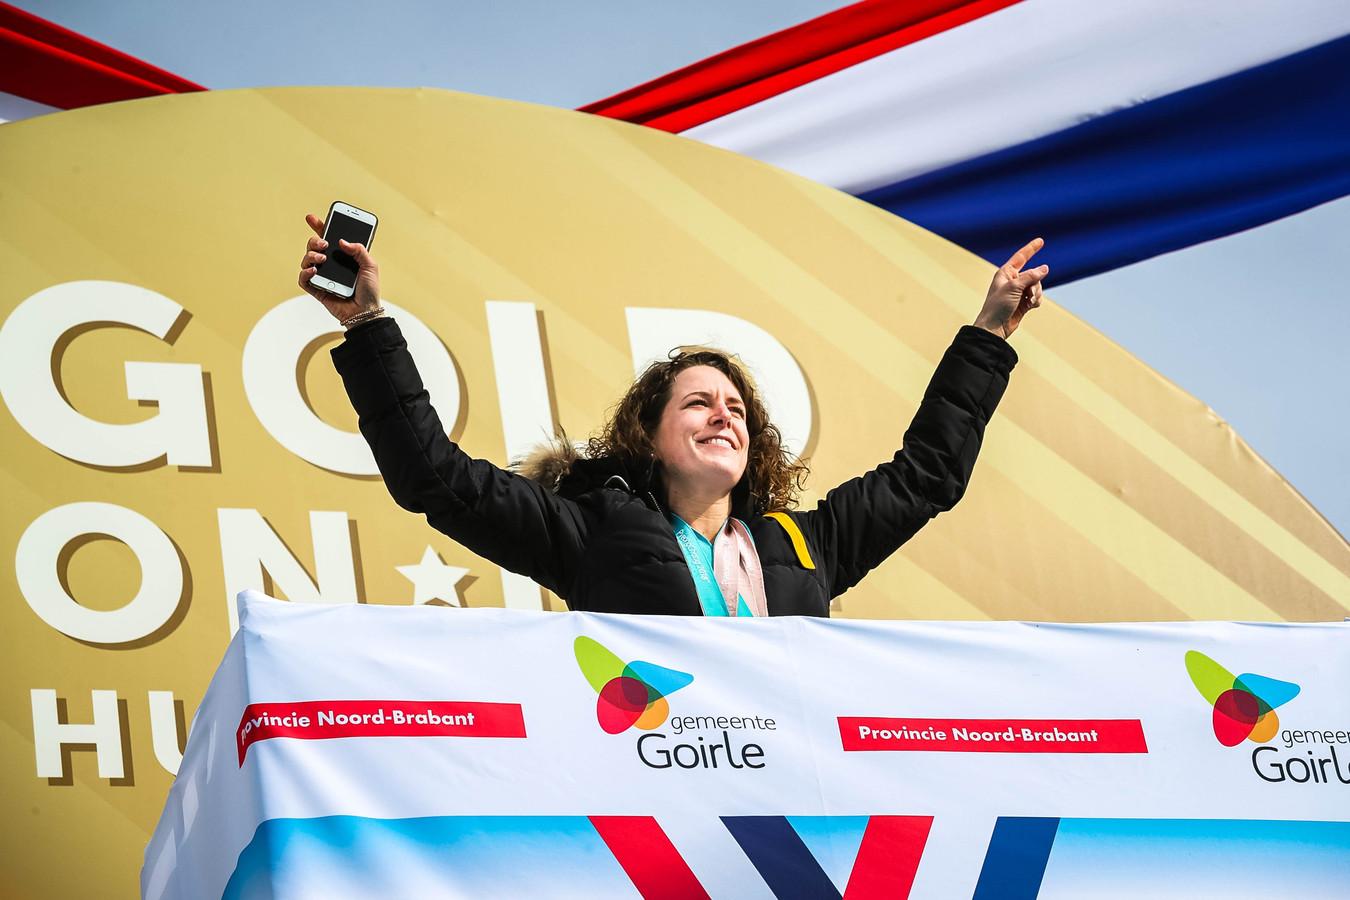 Ireen Wüst wordt in Goirle gehuldigd voor de gouden medaille op de 1500 meter en het zilver op de 3000 meter die ze haalde tijdens de Olympische Winterspelen van Pyeongchang.